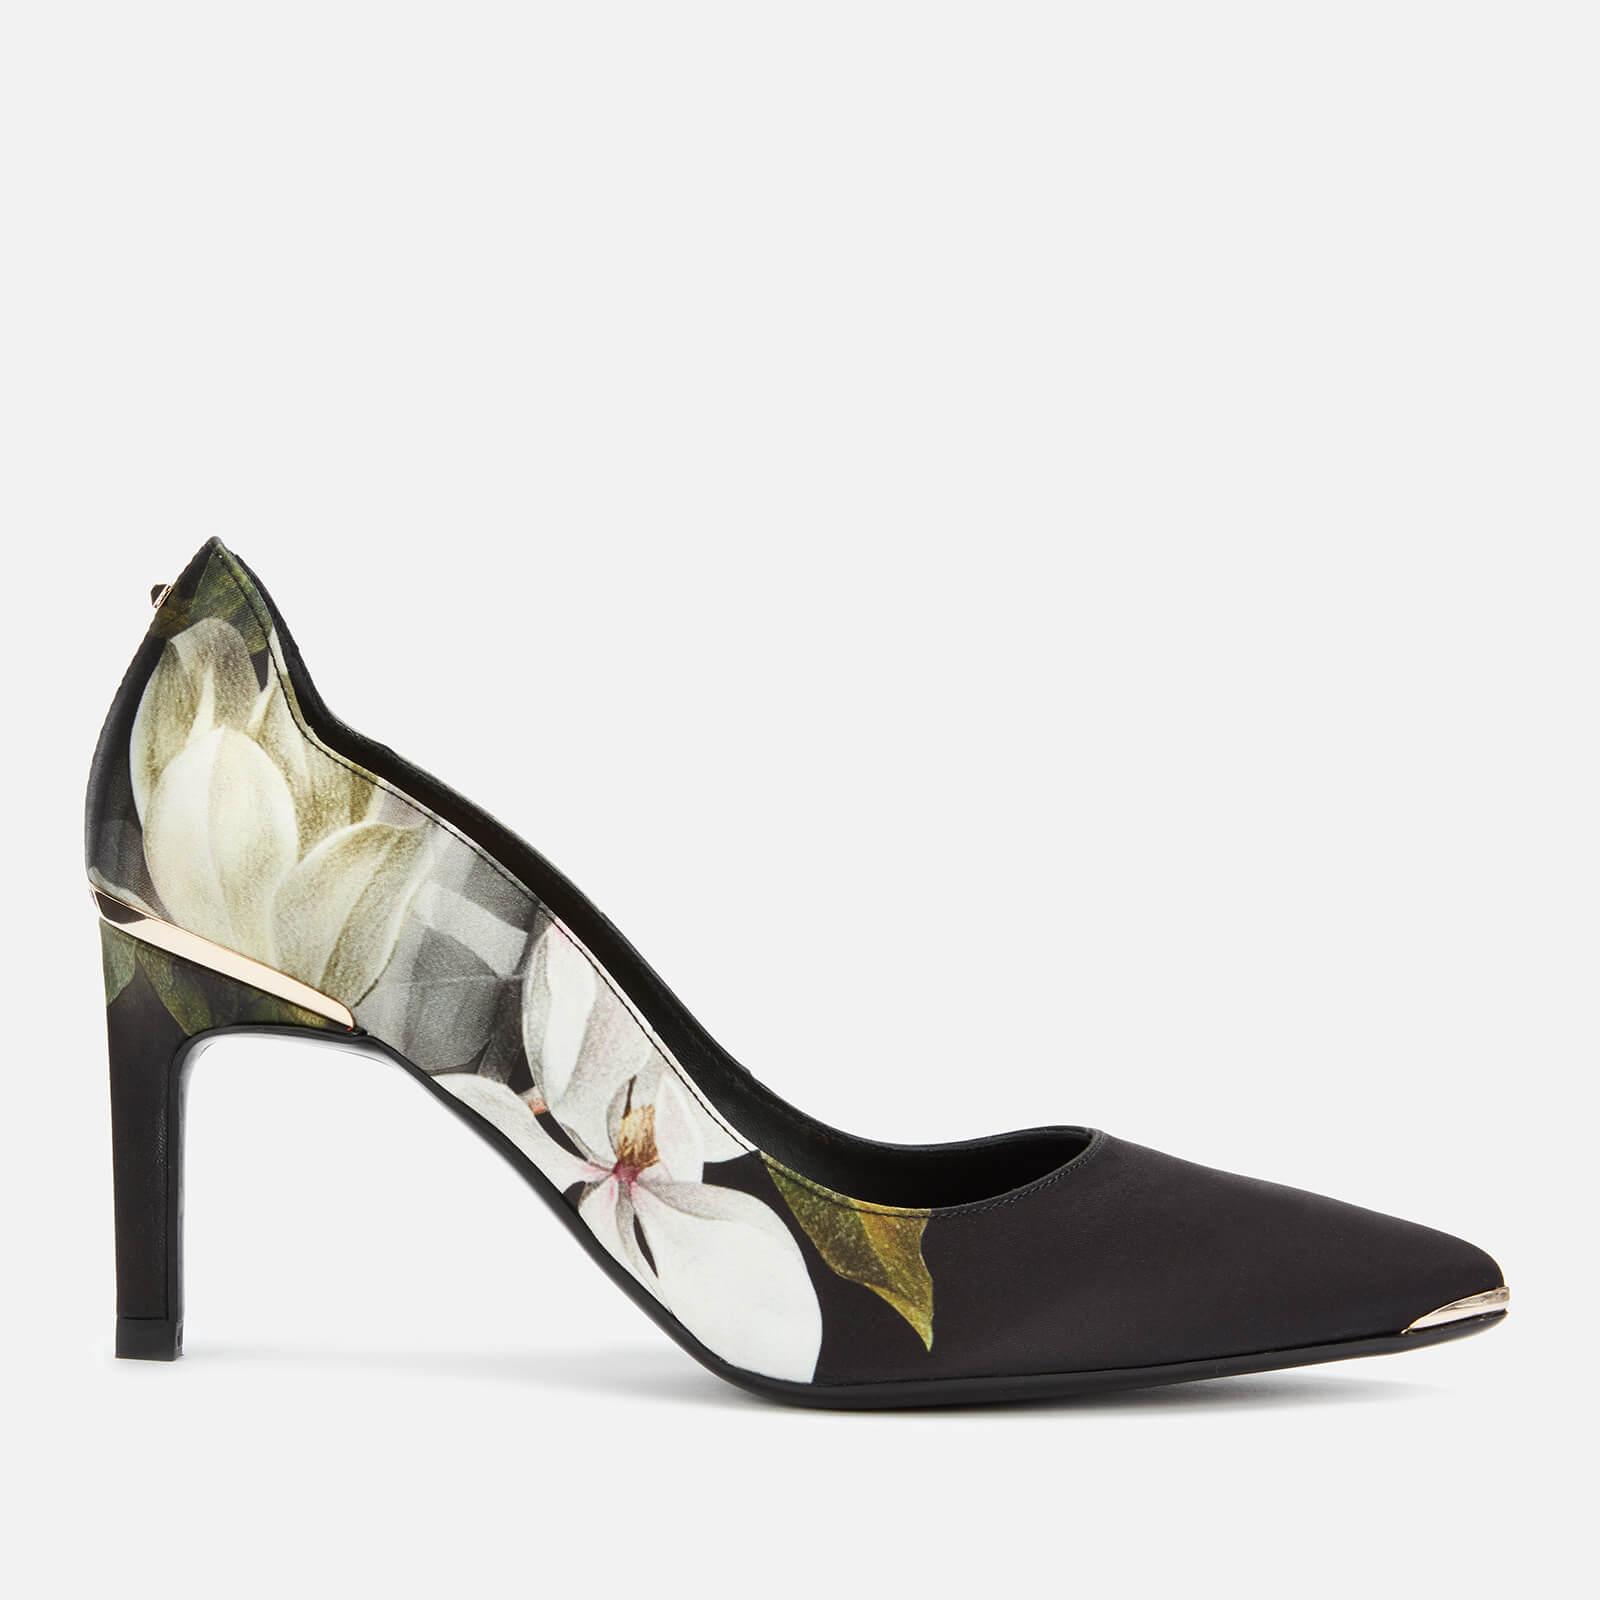 Ted Baker Women's Eriinp Satin Court Shoes - Opal - UK 6 - Black